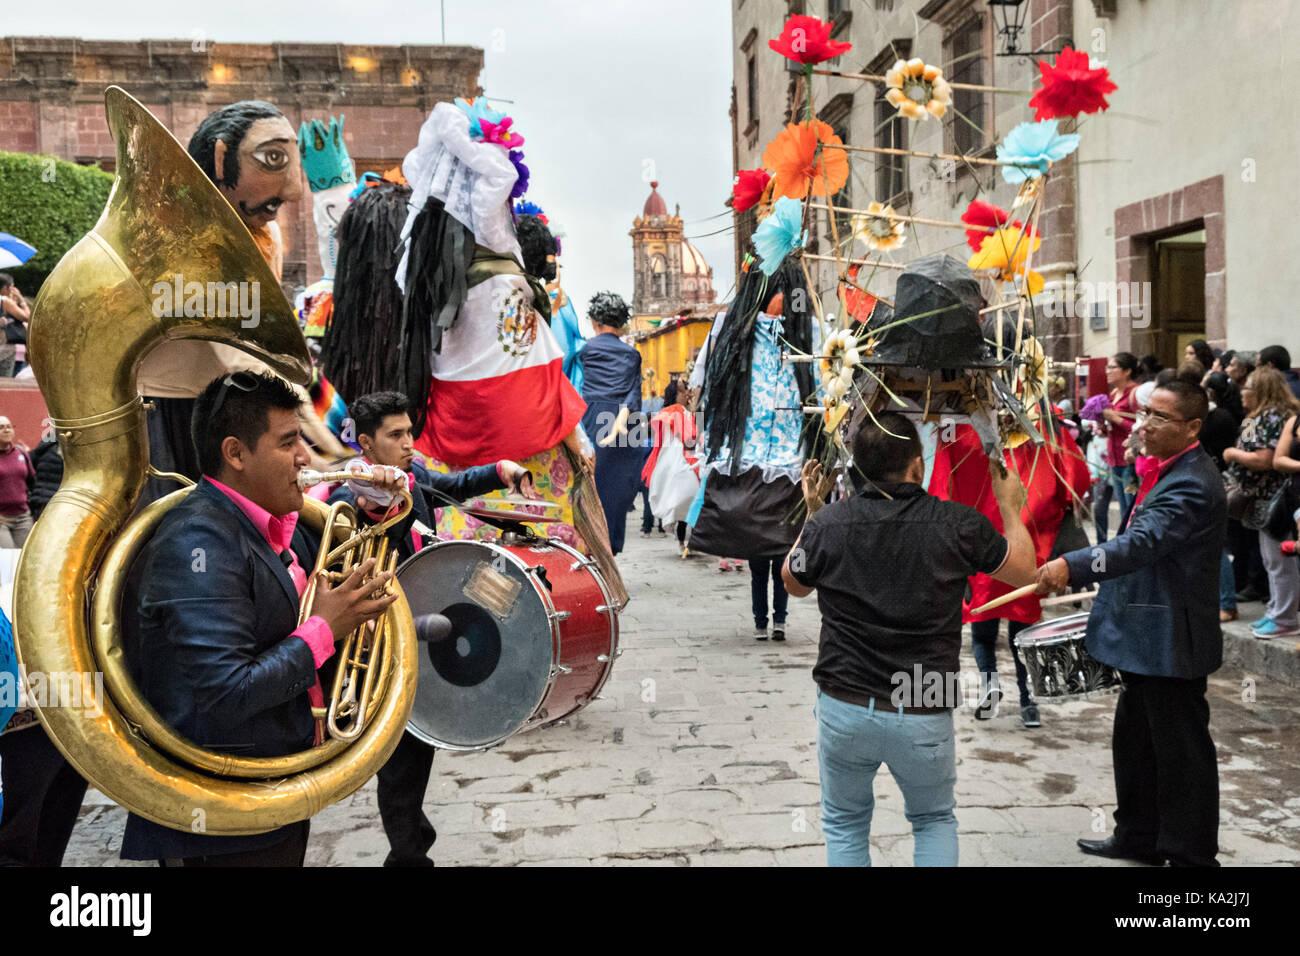 Una Marching Band segue una sfilata di carta gigante-mache marionette chiamato mojigangas in una processione attraverso Foto Stock